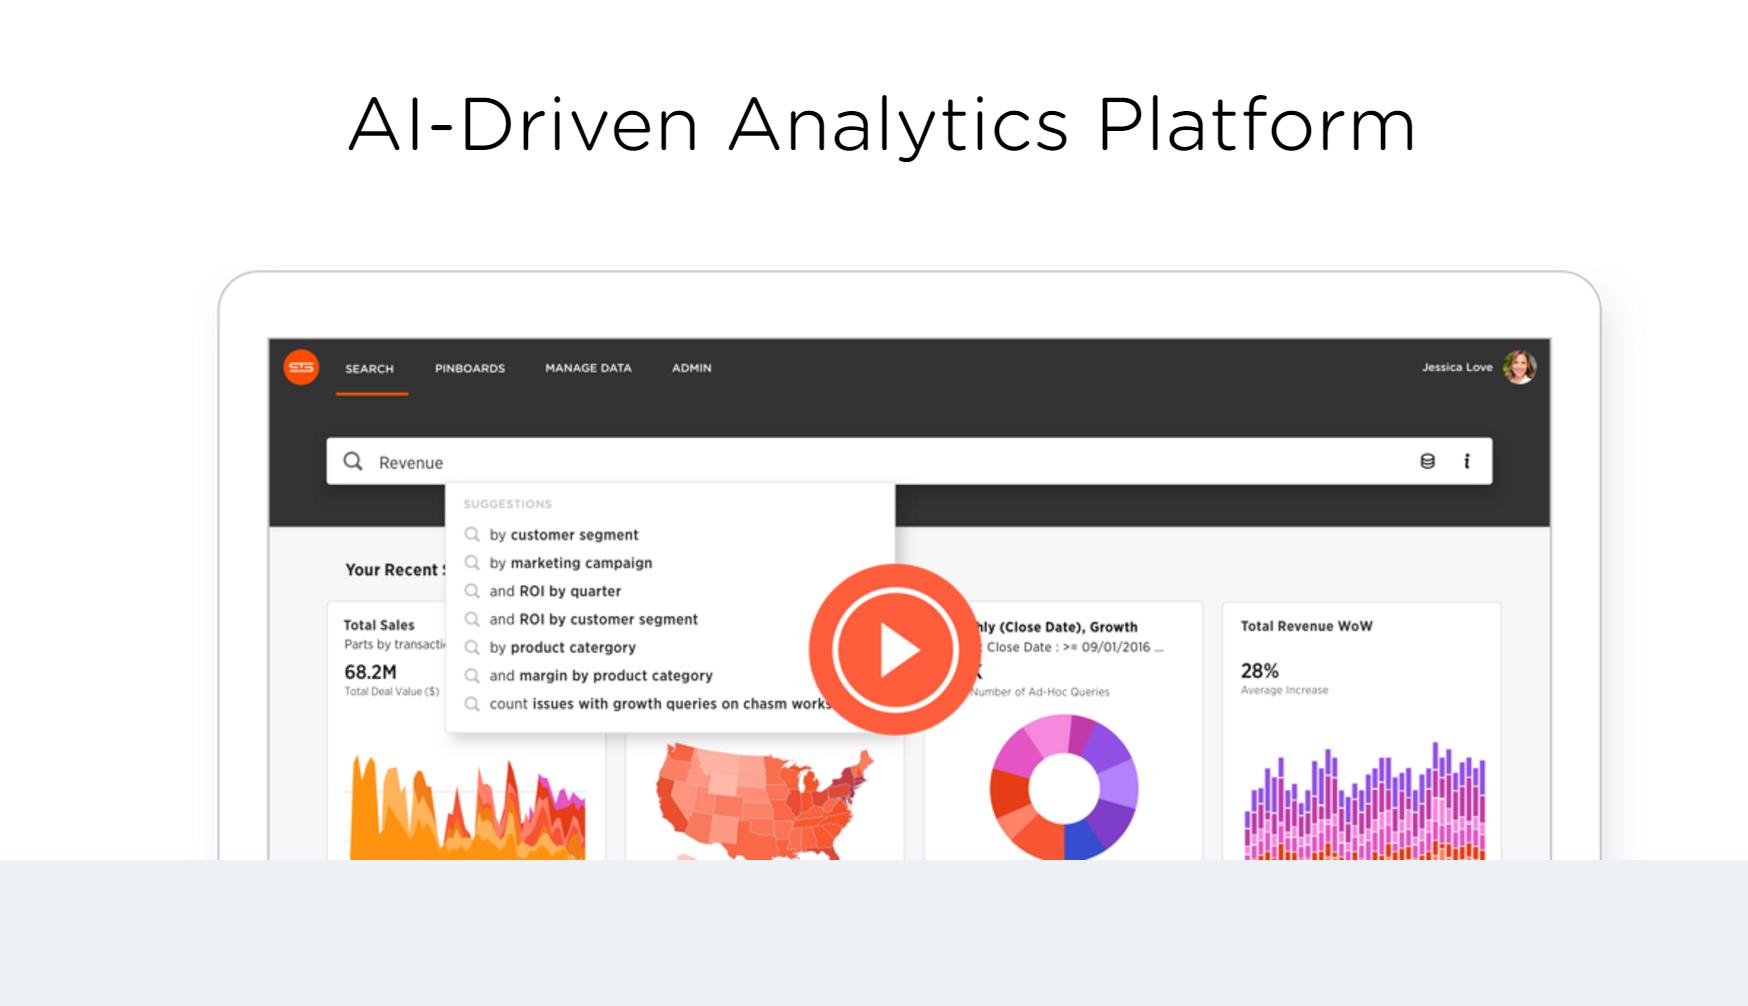 智能搜索引擎 ThoughtSpot 获6千万美元融资多维度搜索一键生成分析报告